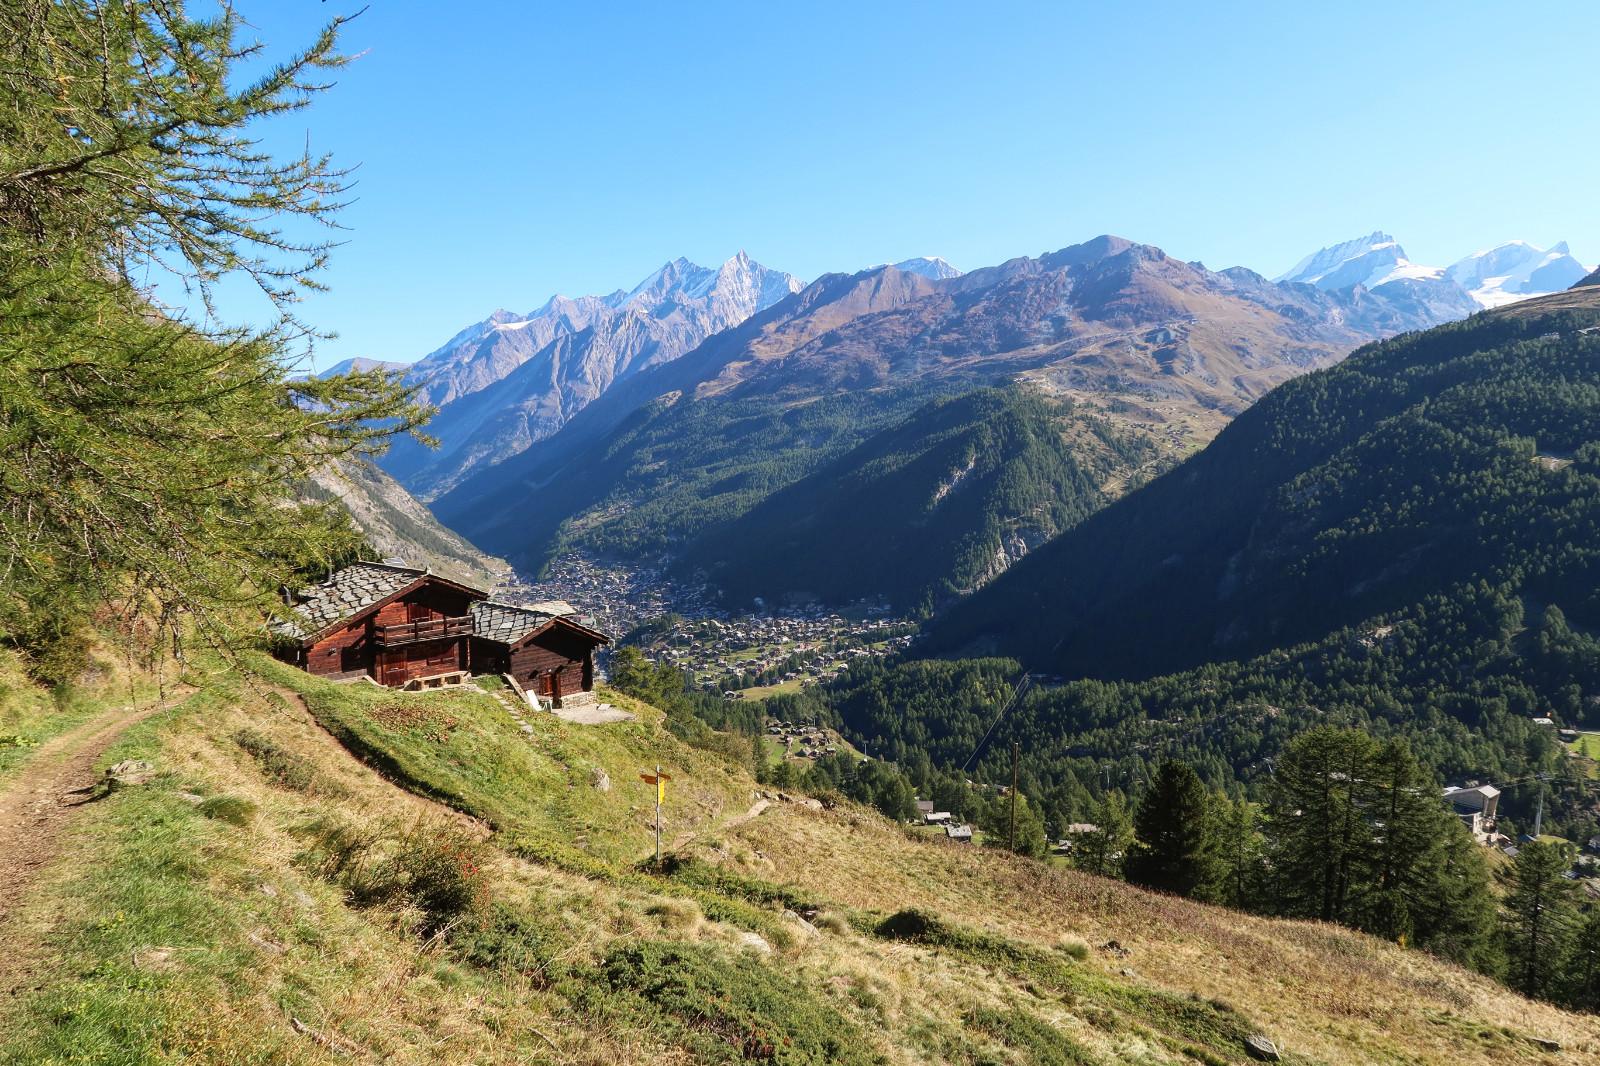 Auf dem Weg zum Schwarzsee - Im Tal ist Zermatt zu sehen.